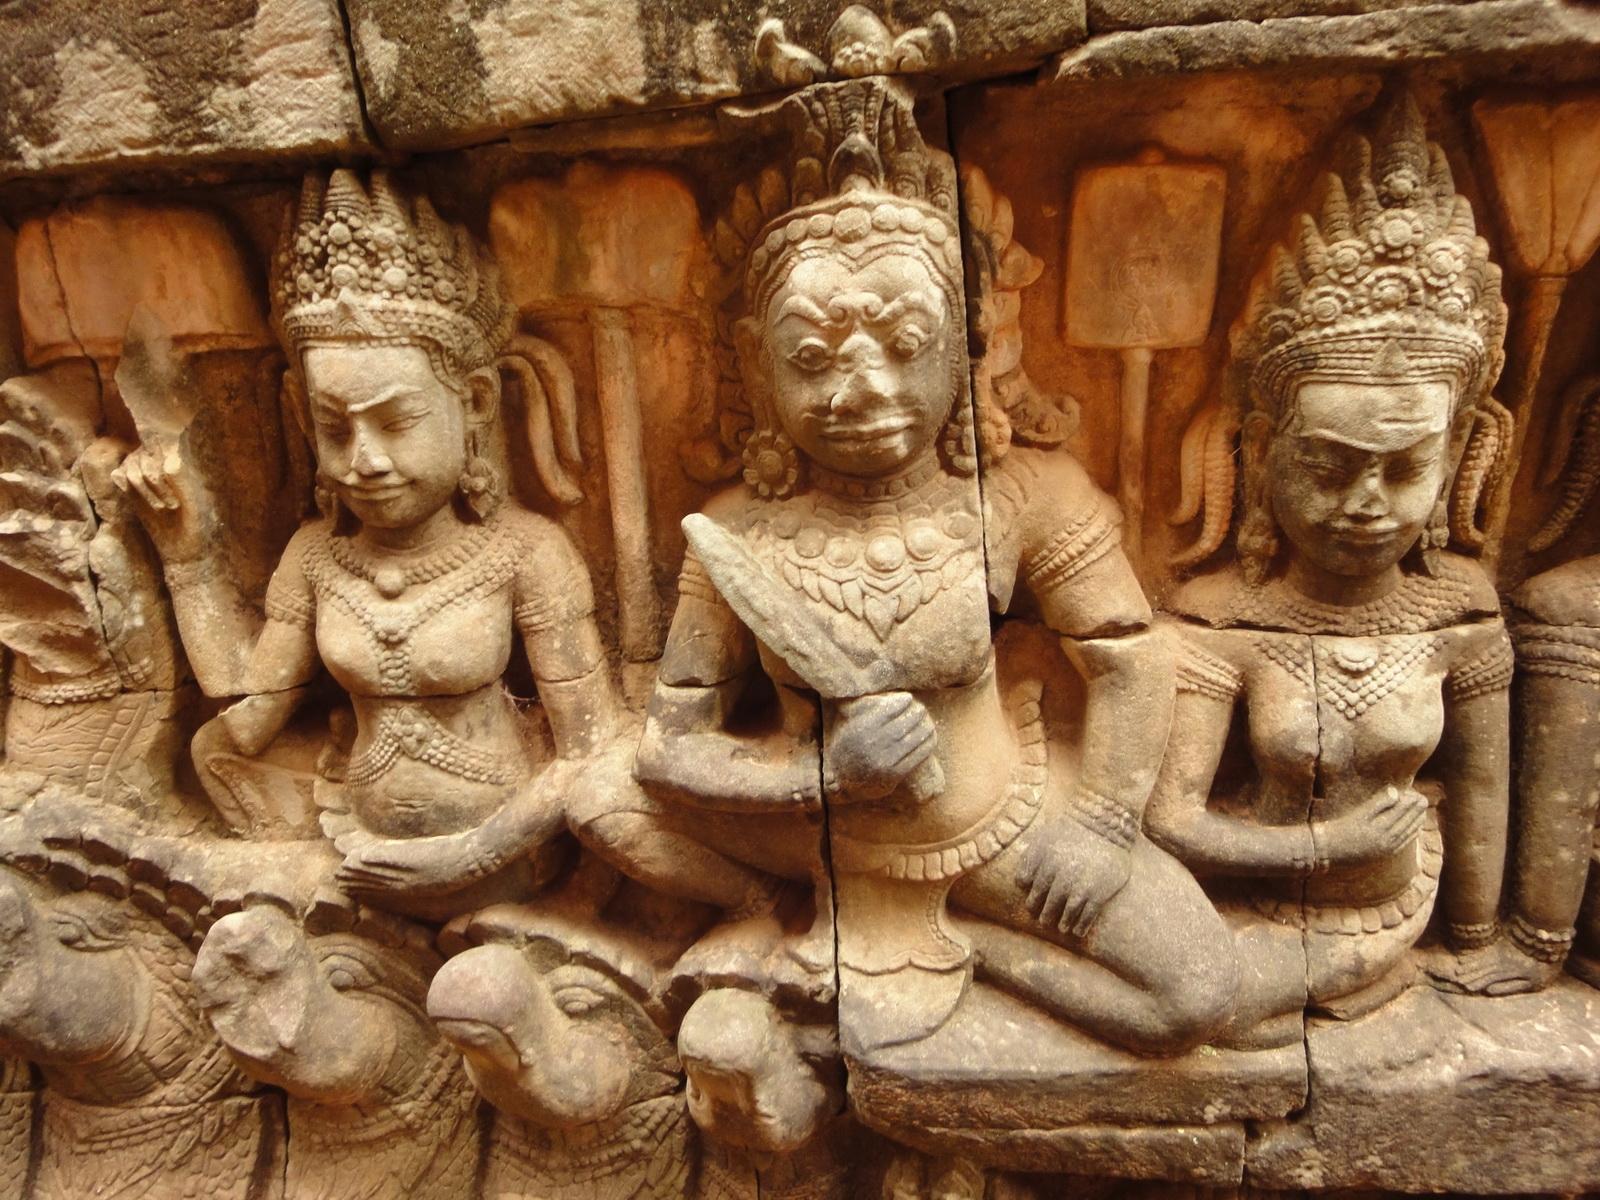 Leper King Terrace hidden wall underworld Nagas and deities 027